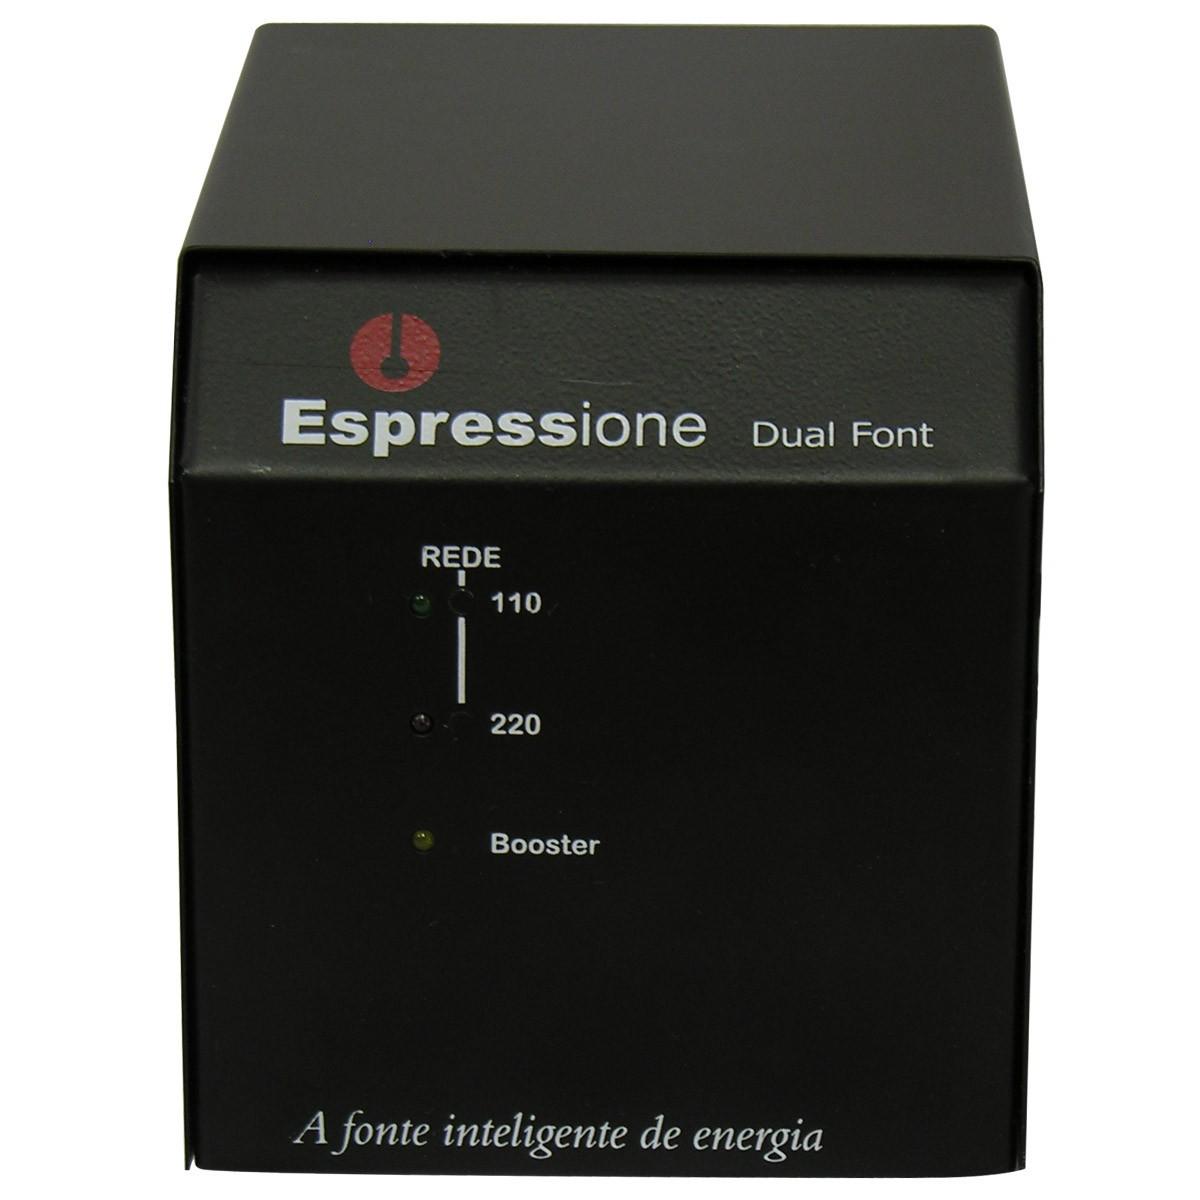 DUAL FONT Espressione 1500w Saida110V